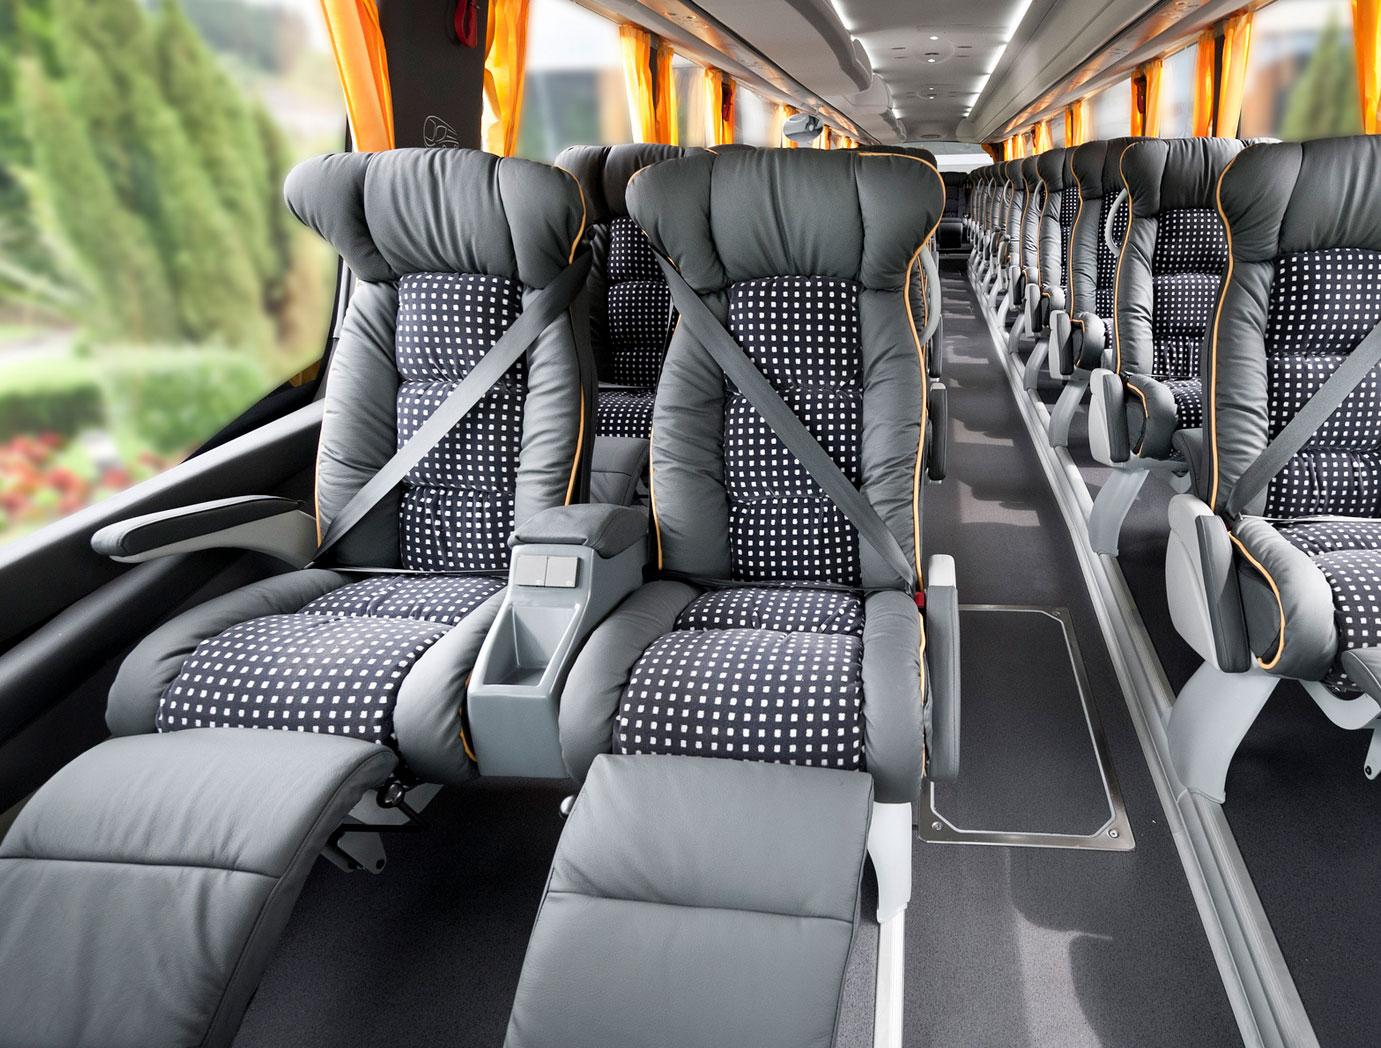 bus interior 6